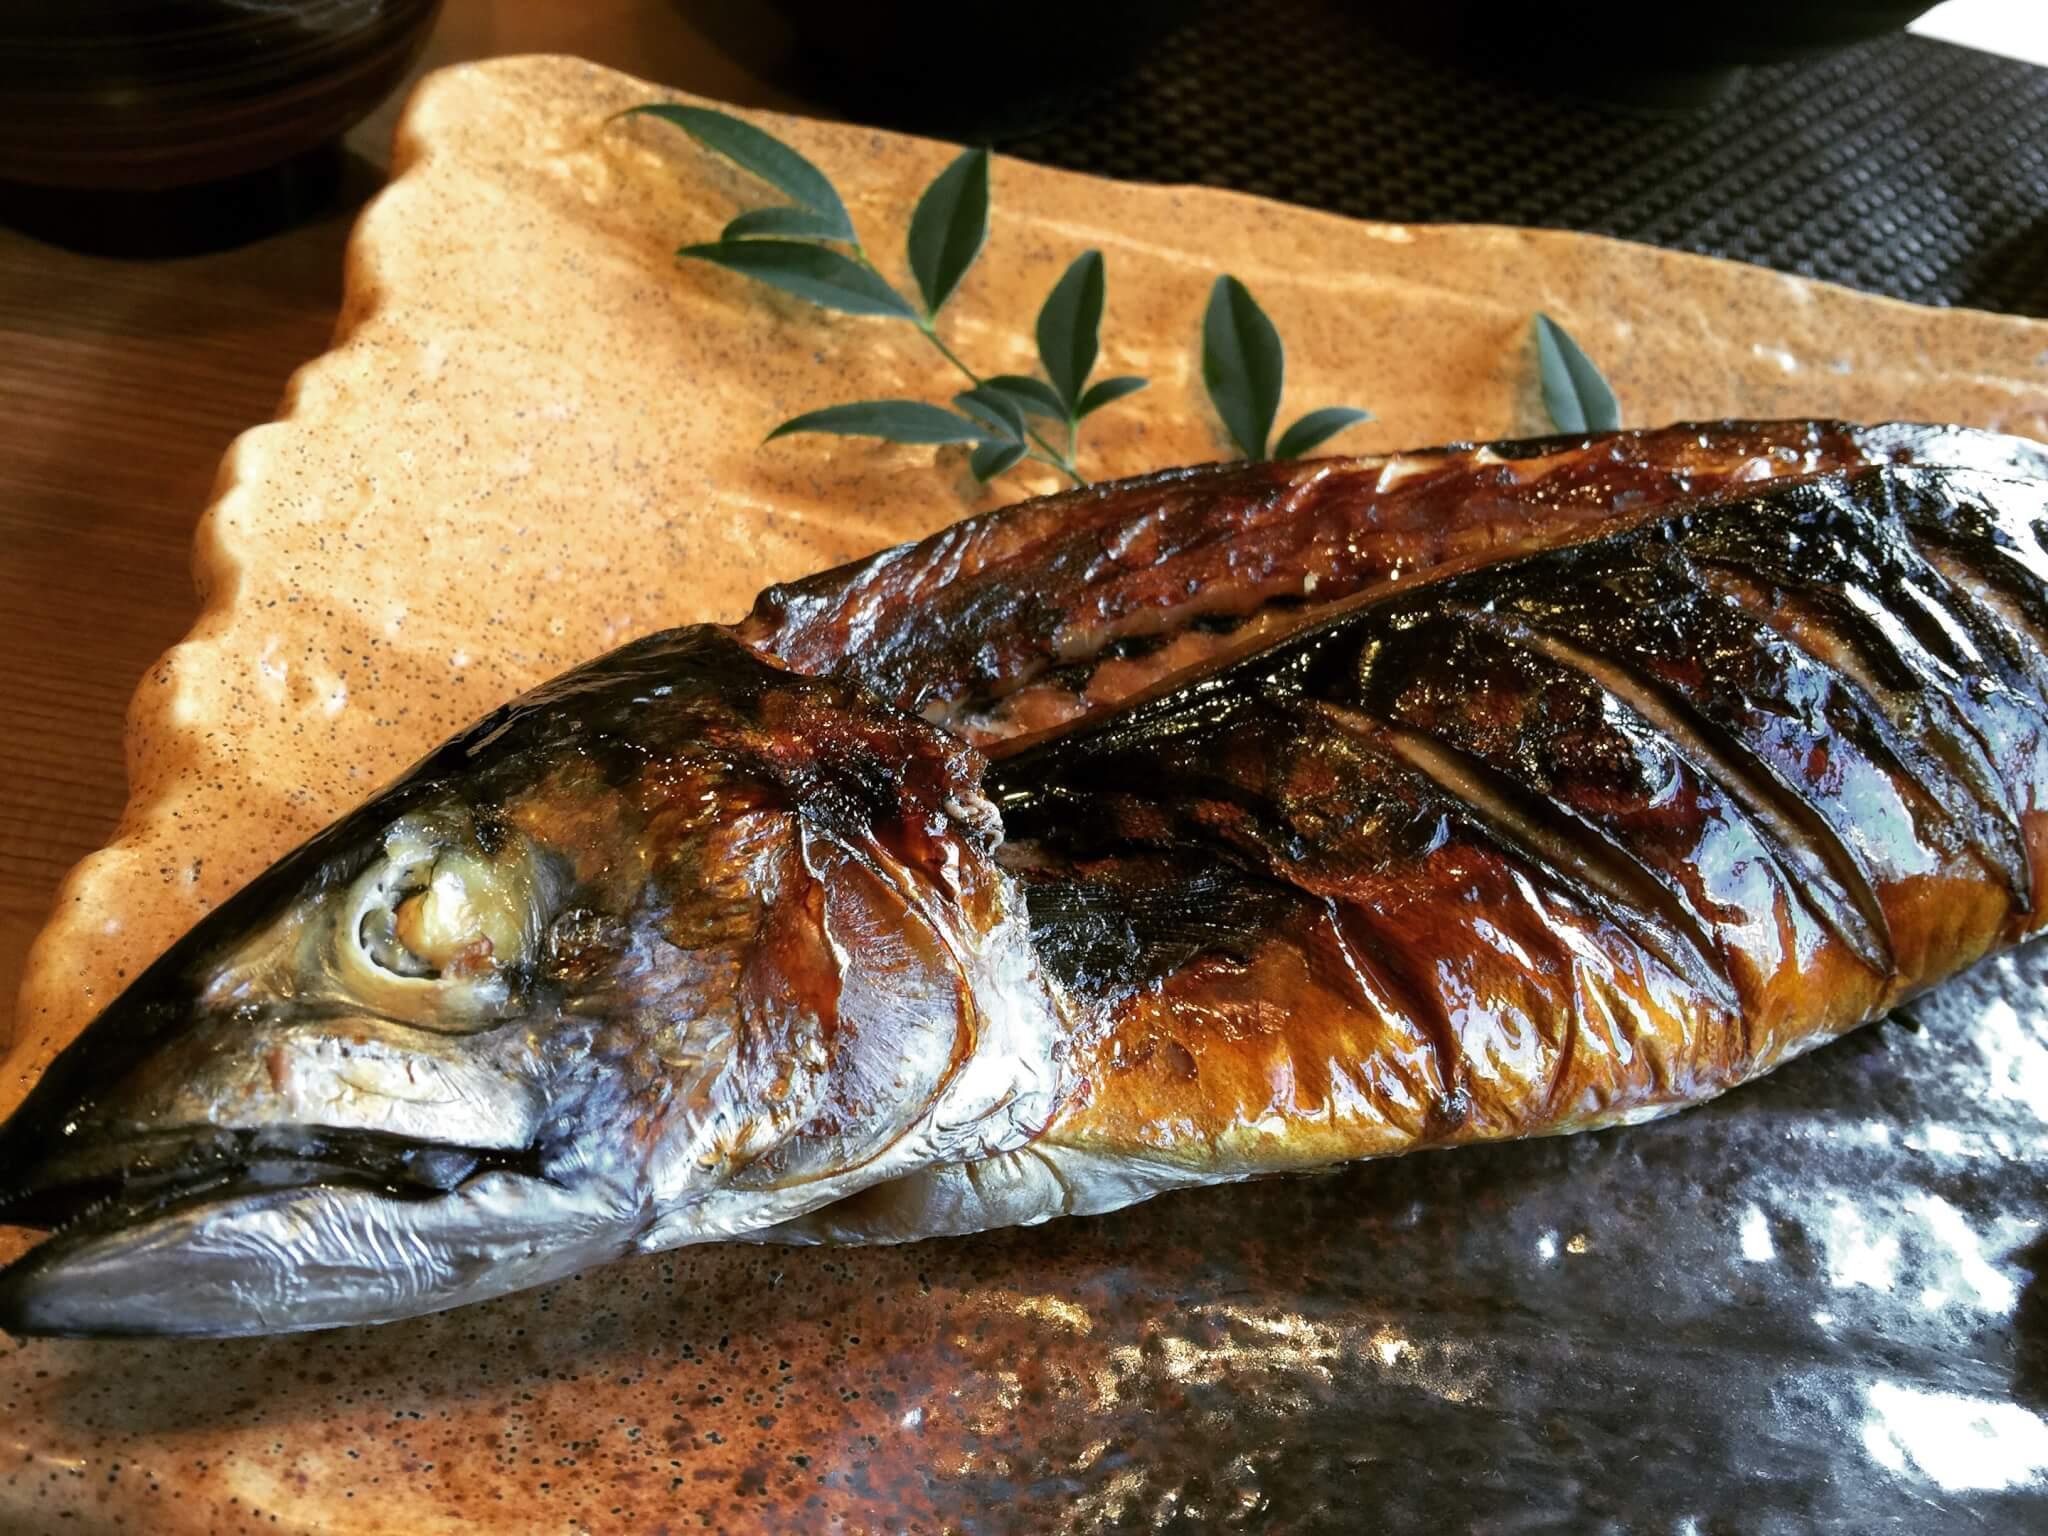 福井といえば鯖(サバ)!大野市うおまさカフェの鯖は旧鯖街道・顔負けの味!